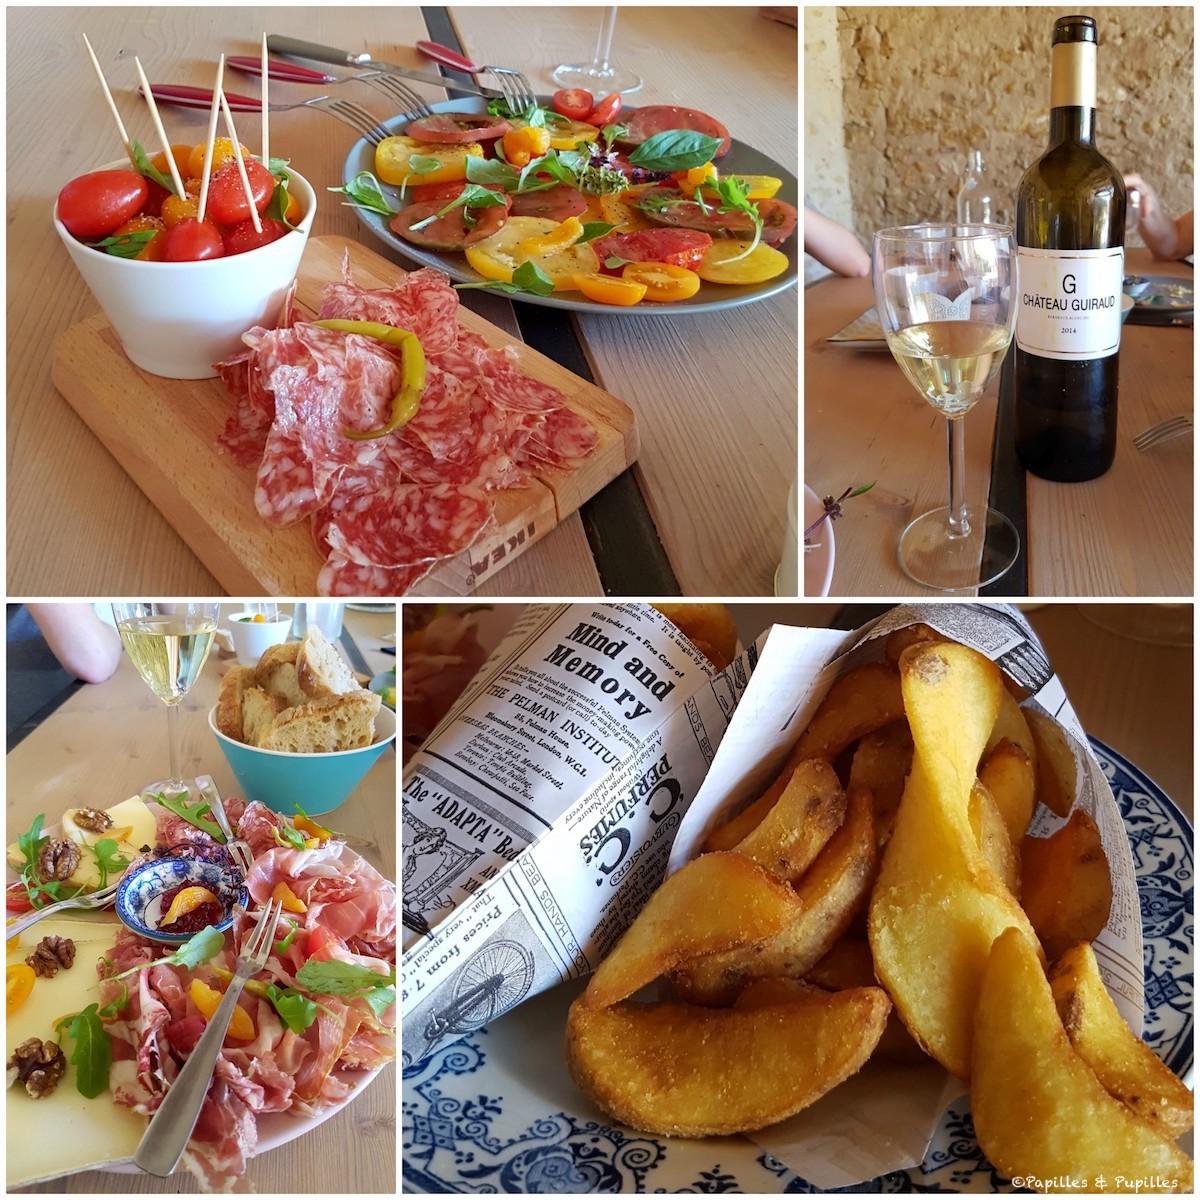 Déjeuner - La petite Guinguette - Sauternes